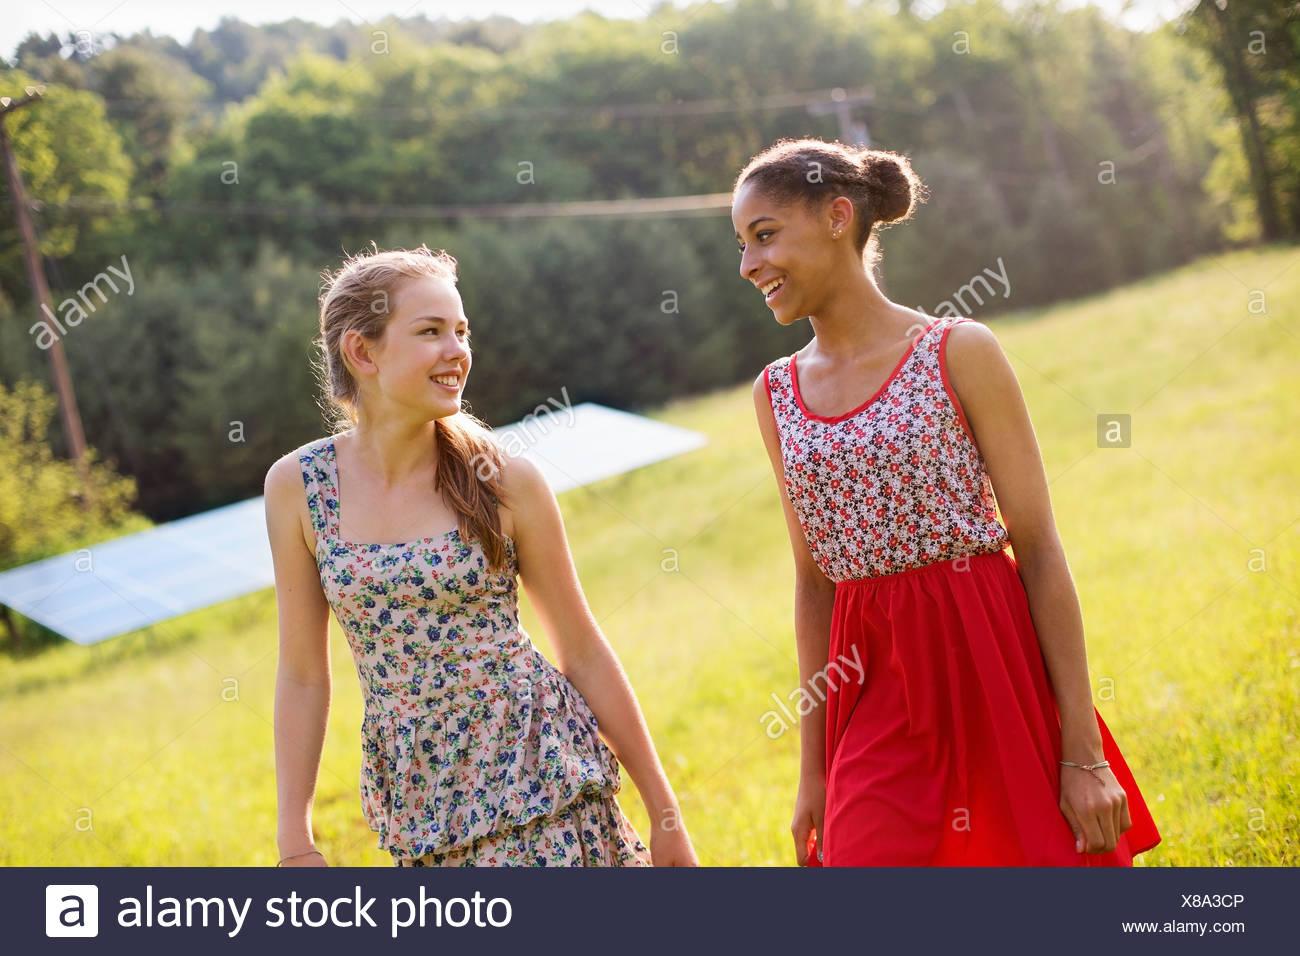 Farm girls young Farm girls